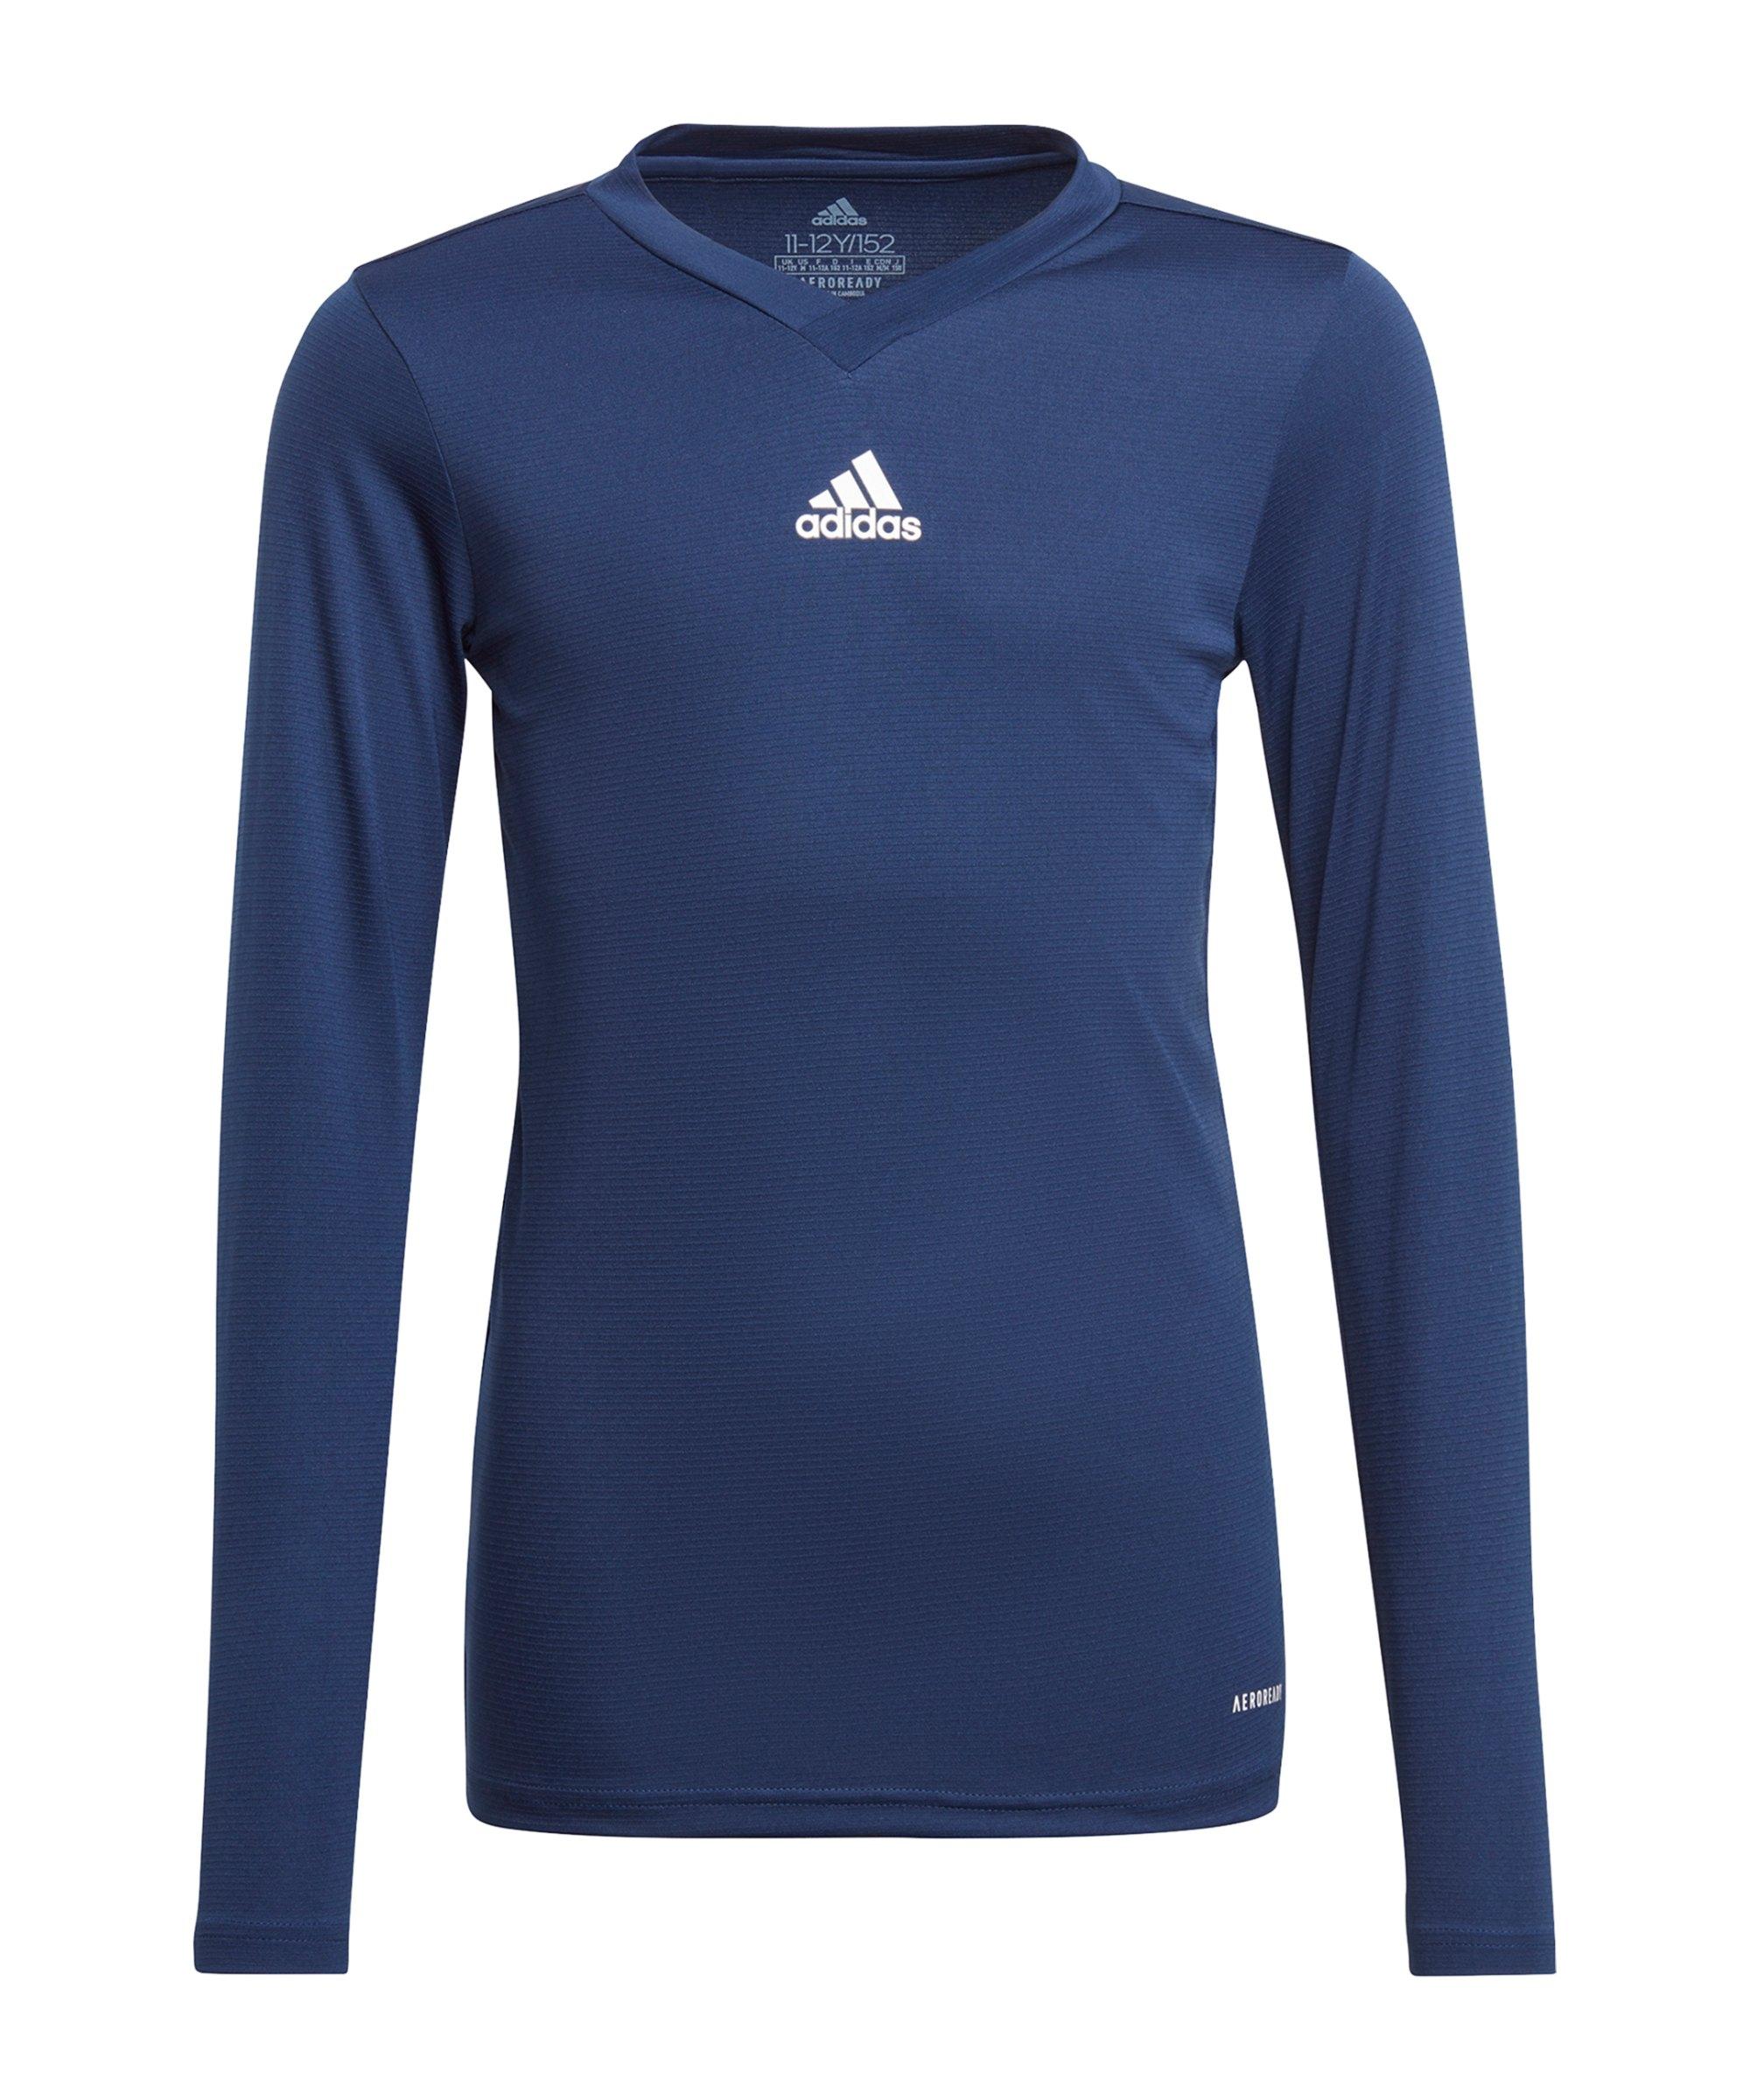 adidas Team Base Top langarm Kids Blau - blau